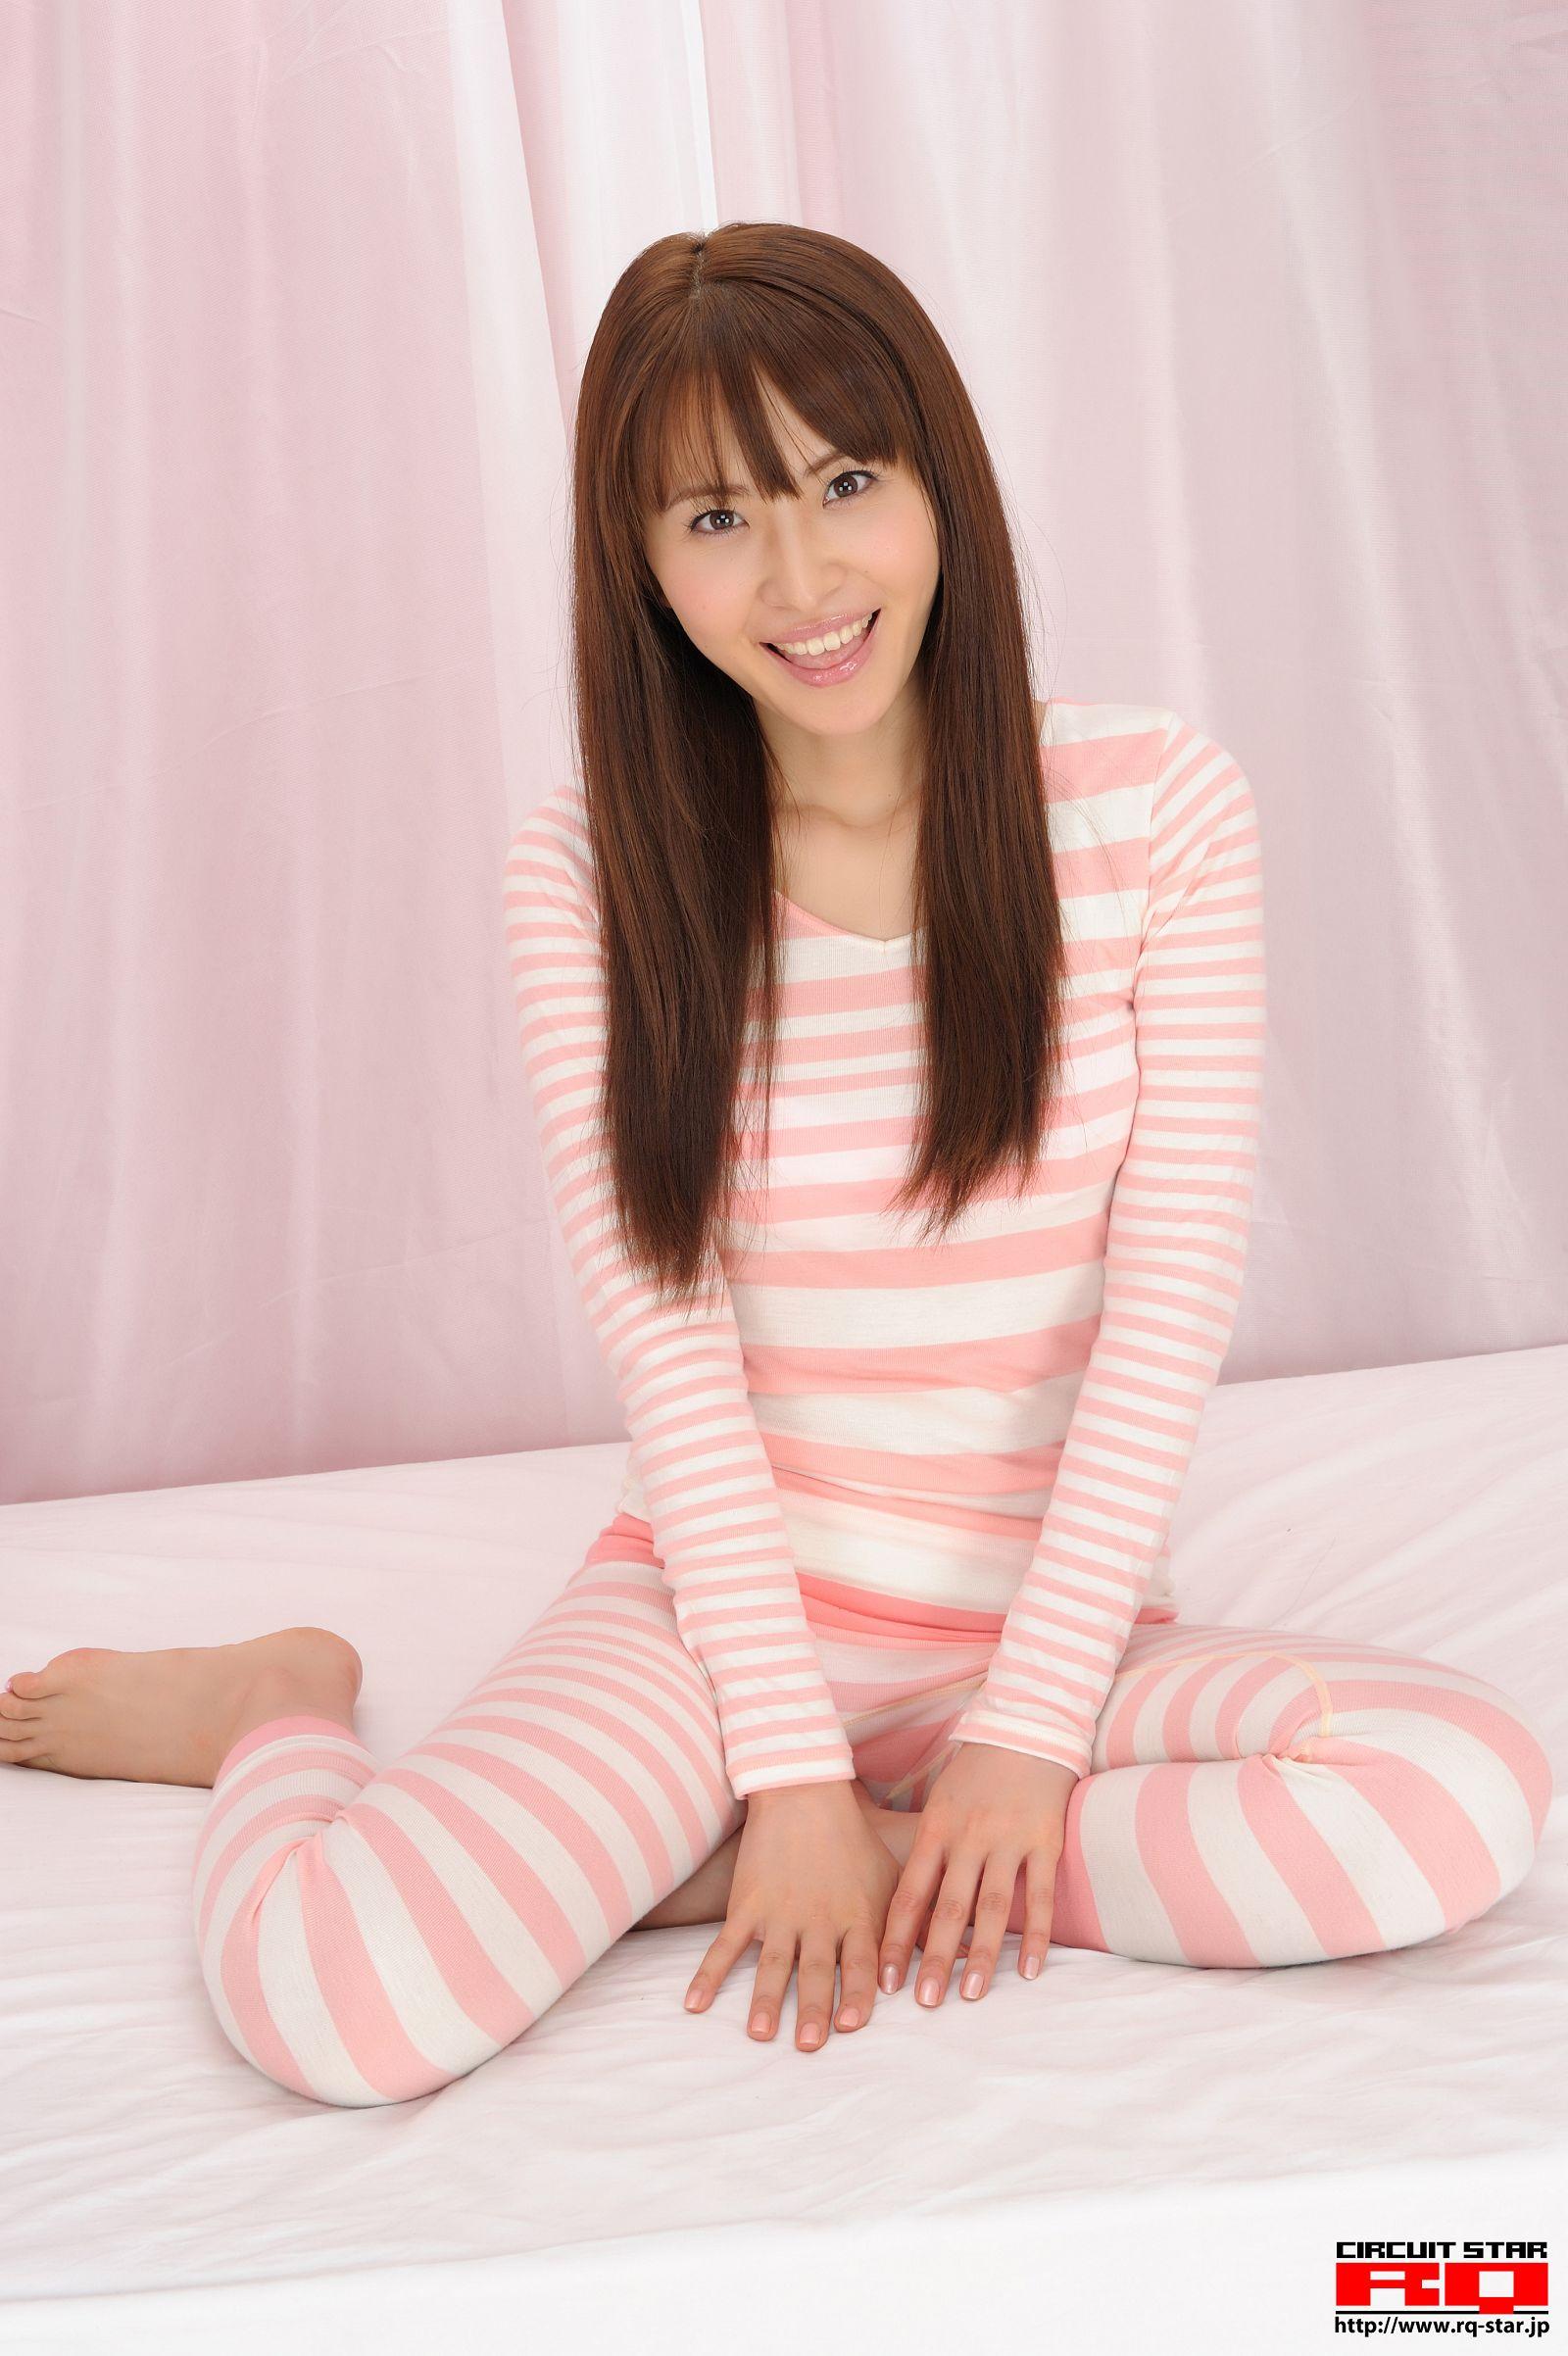 [RQ STAR美女] NO.01163 Rena Sawai 澤井玲菜 Swim Suits[119P] RQ STAR 第1张